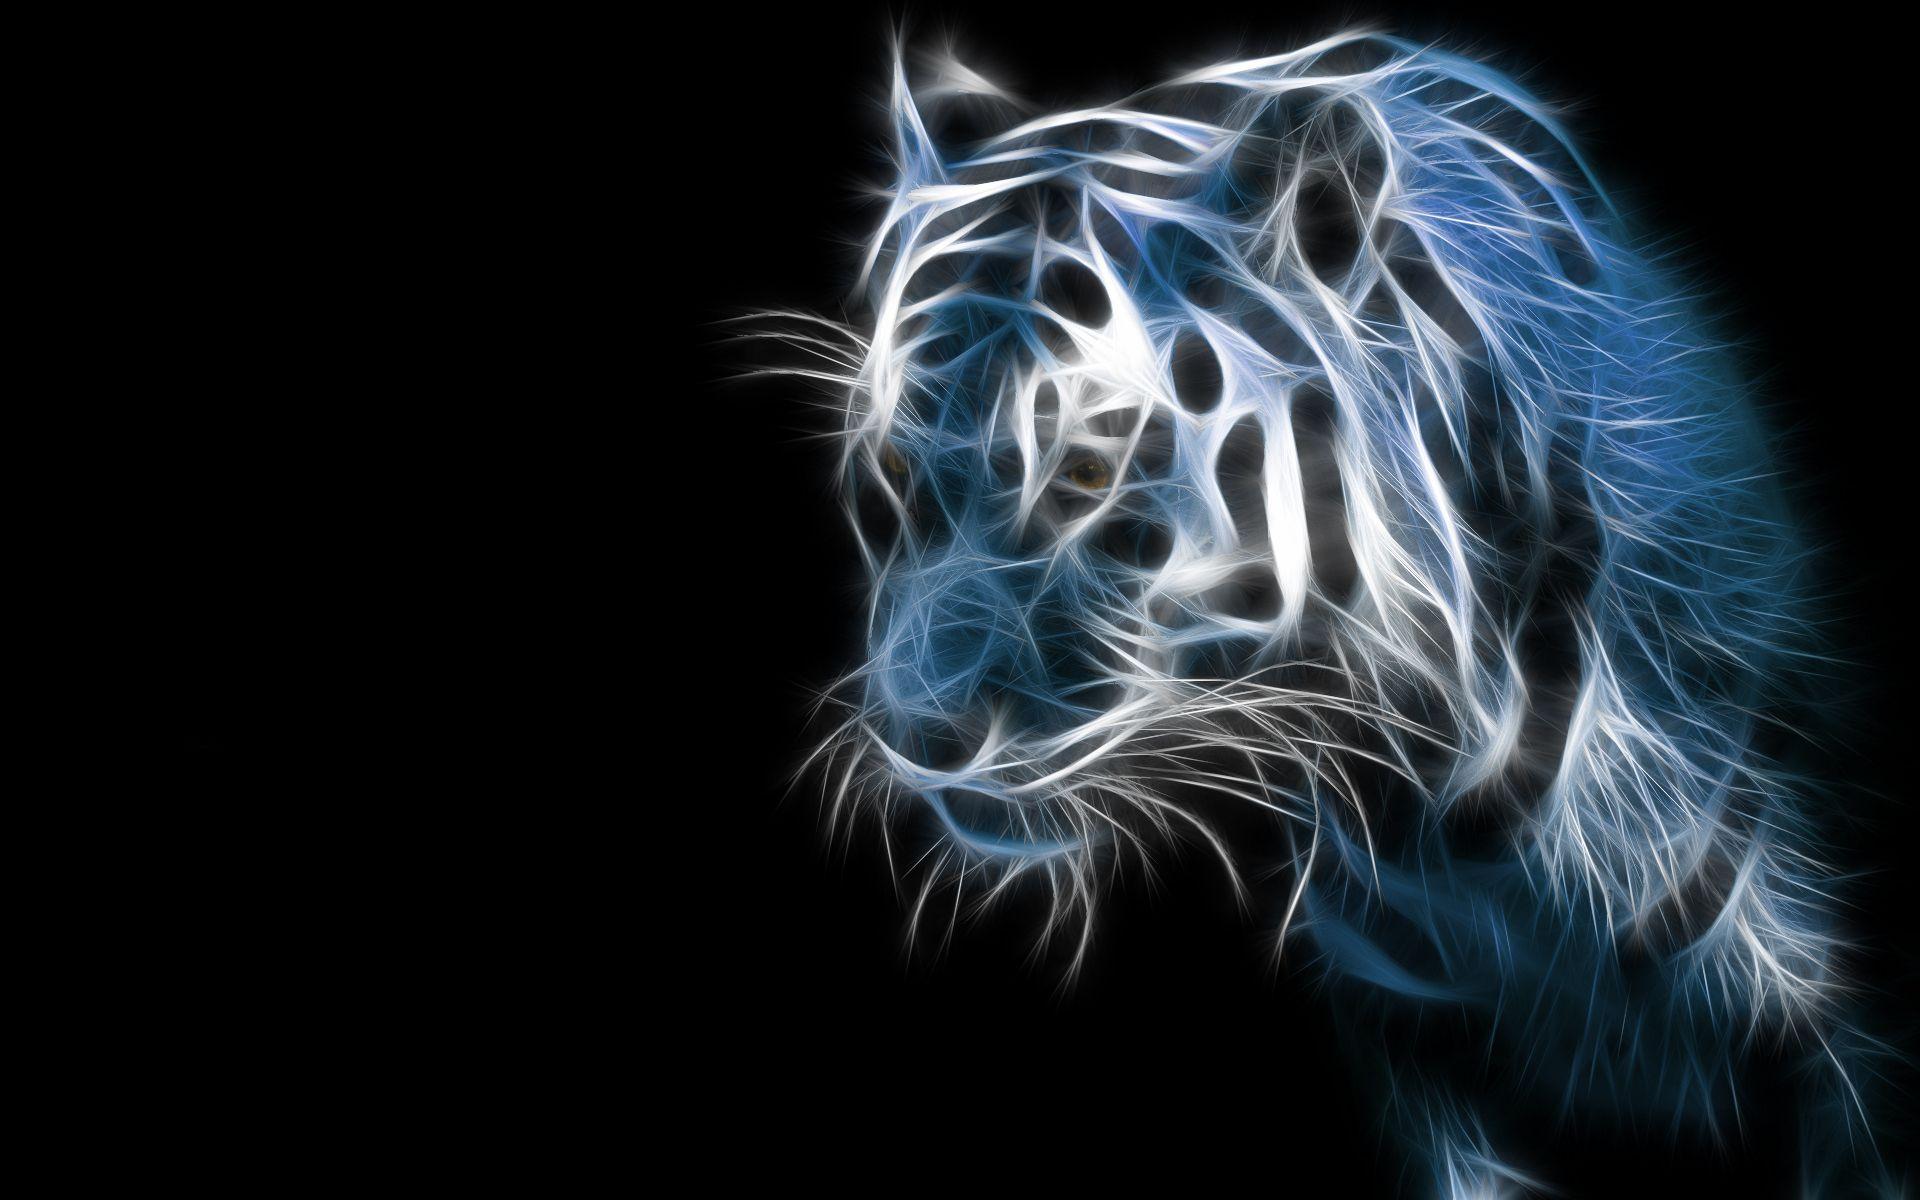 Wallpapers HD, 3D & de River Plate Tiger wallpaper, Cool